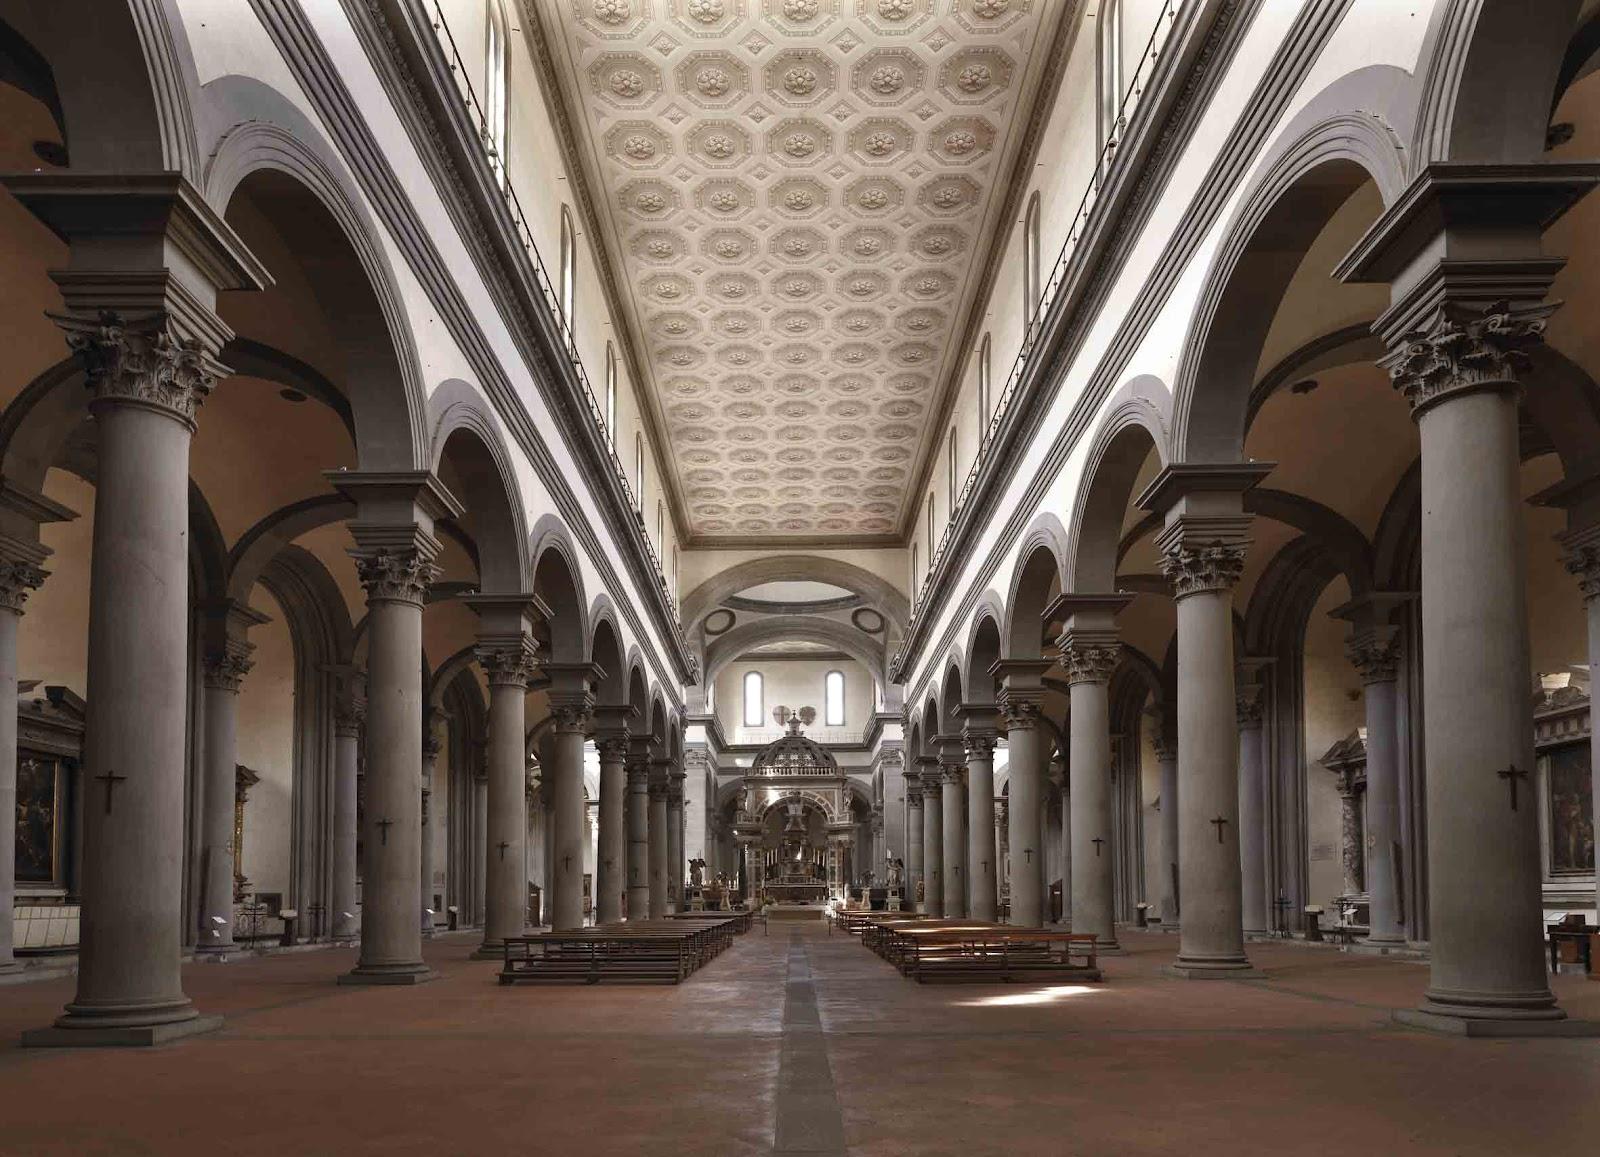 Stendhal syndrom so harmonisch wie der kosmos selbst for Interior iglesia san lorenzo brunelleschi